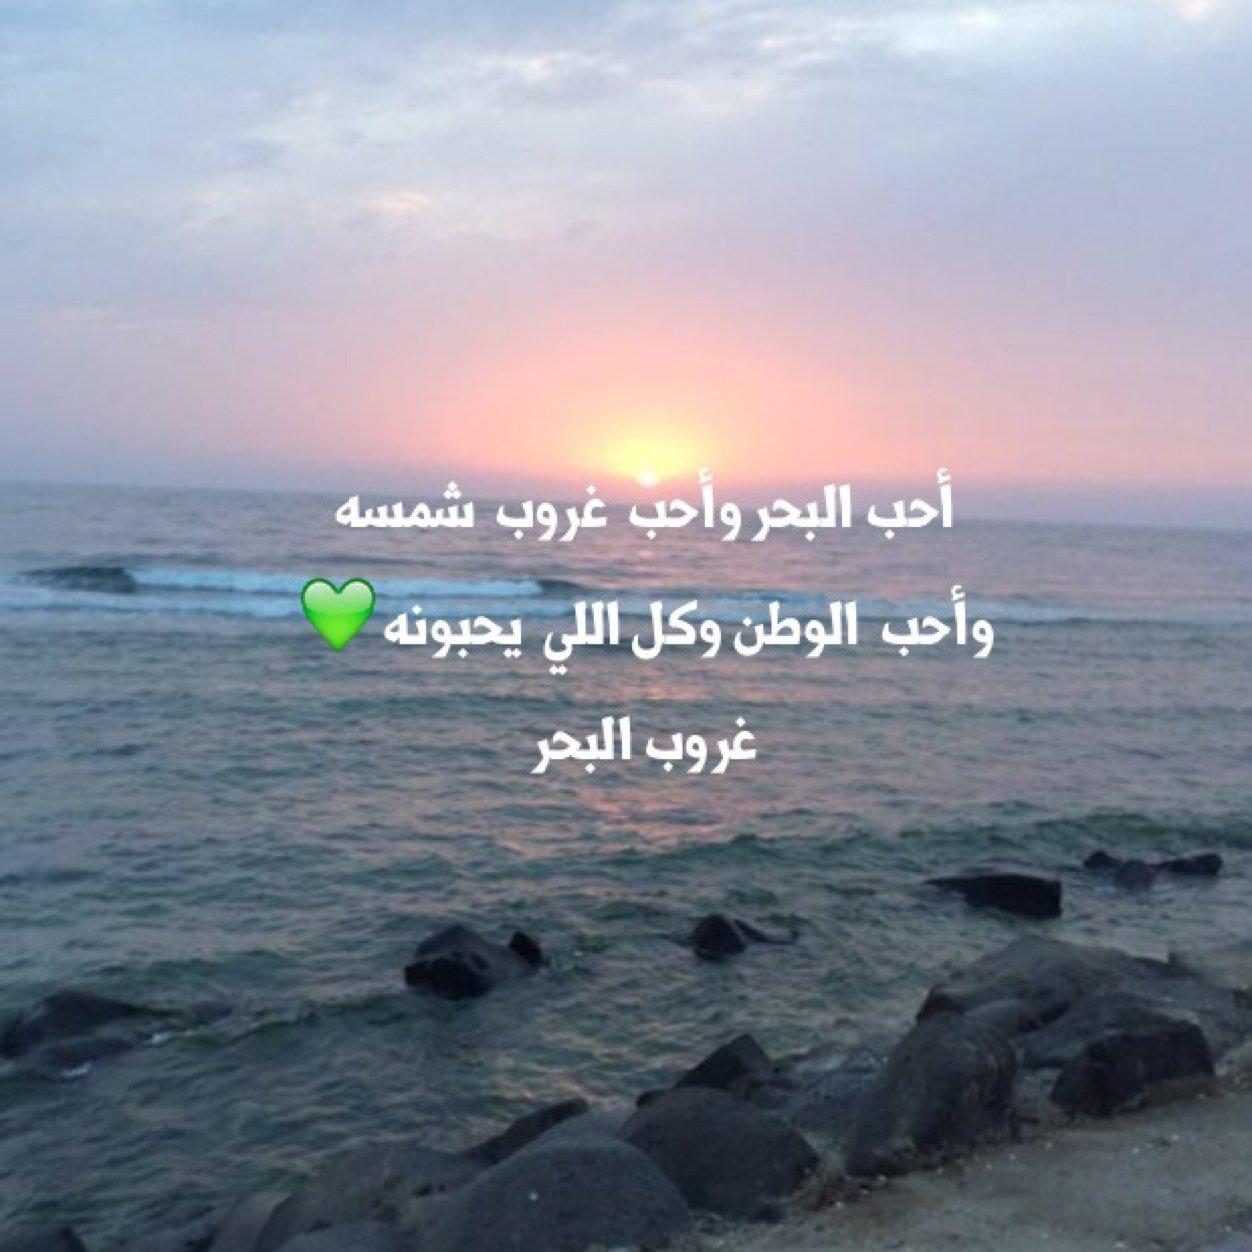 شعر عن البحر والحب تويتر Aiqtabas Blog